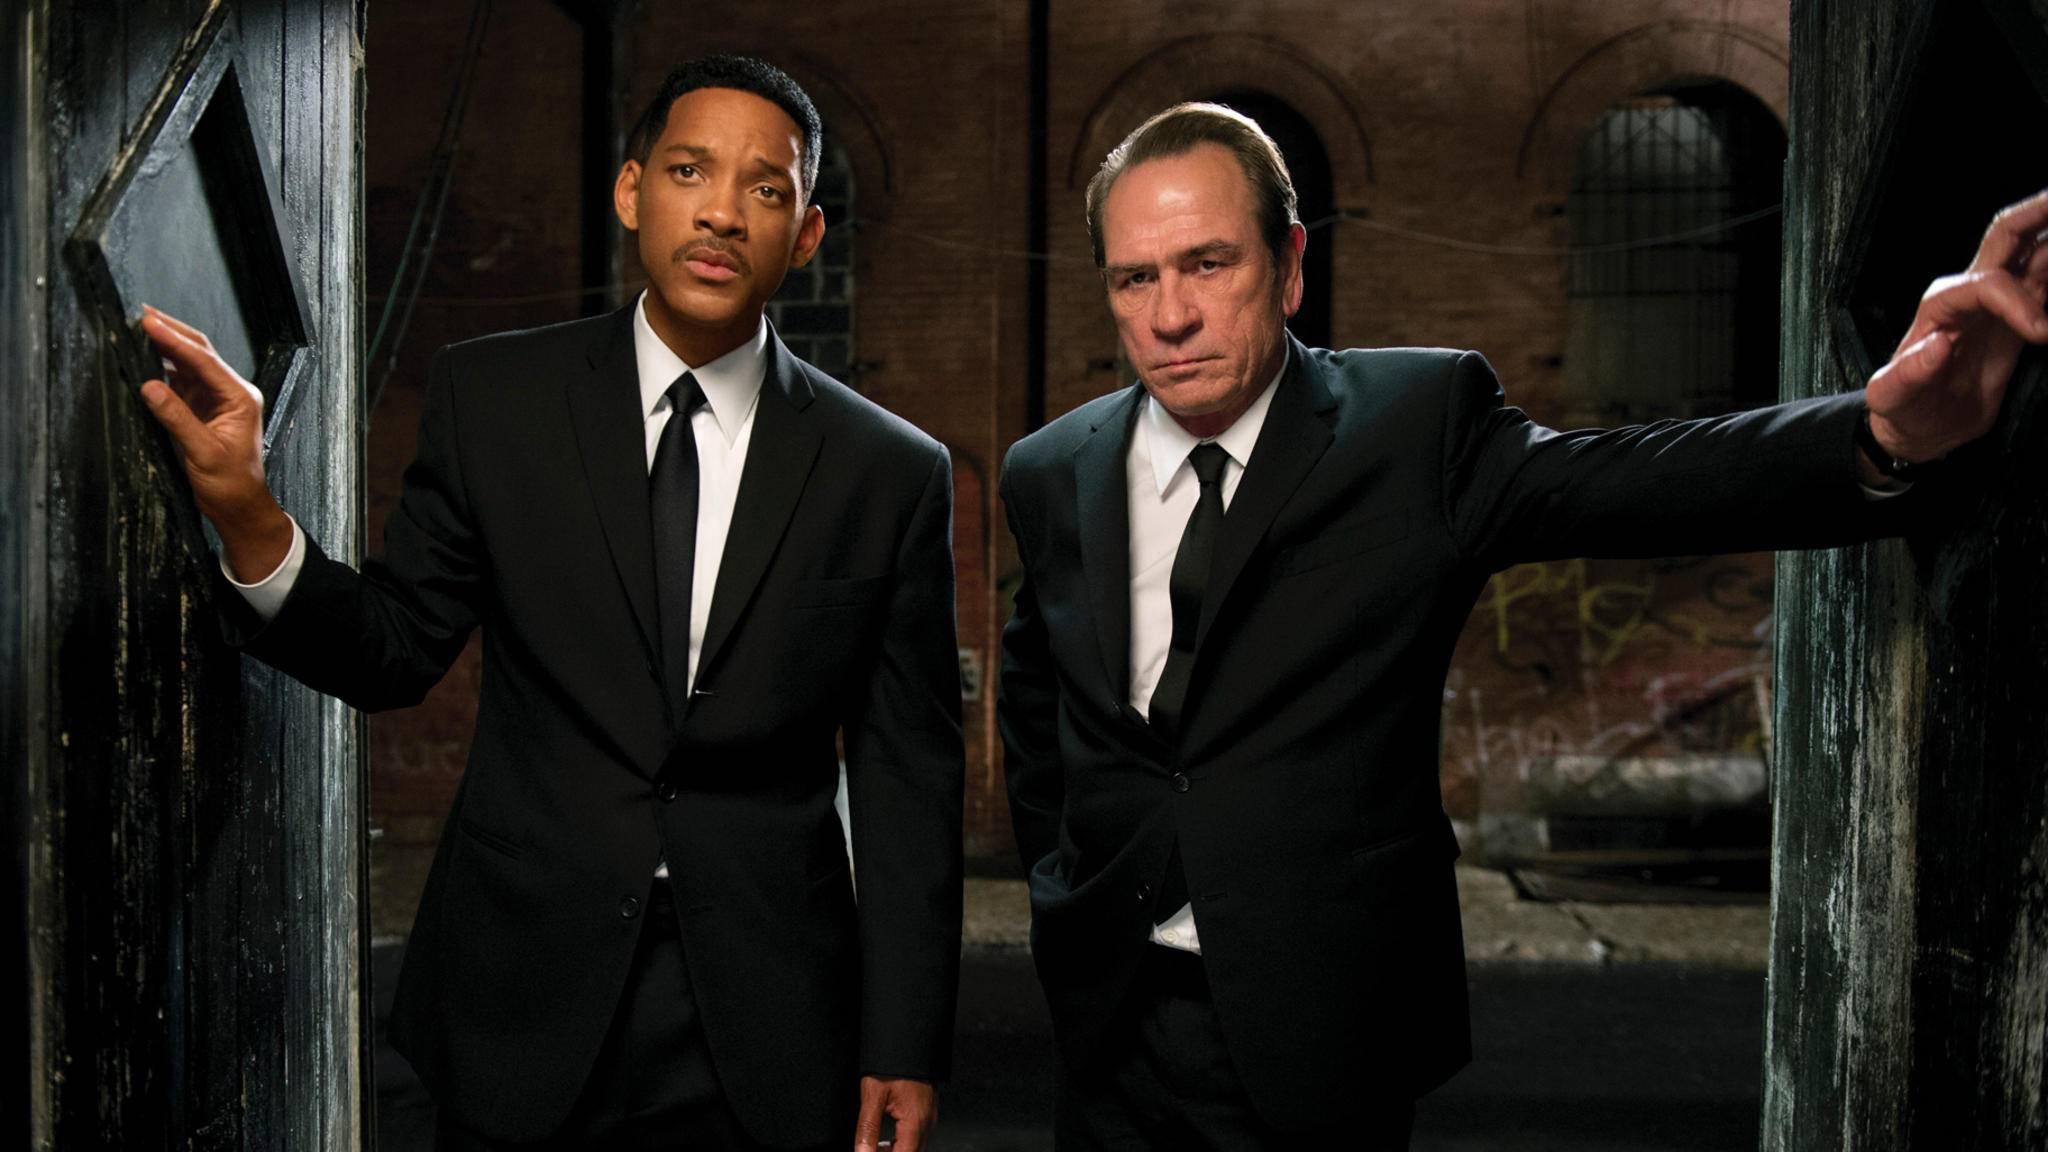 Nachfolge gesichert? Agent K und J geben das Zepter an die nächste Generation weiter.